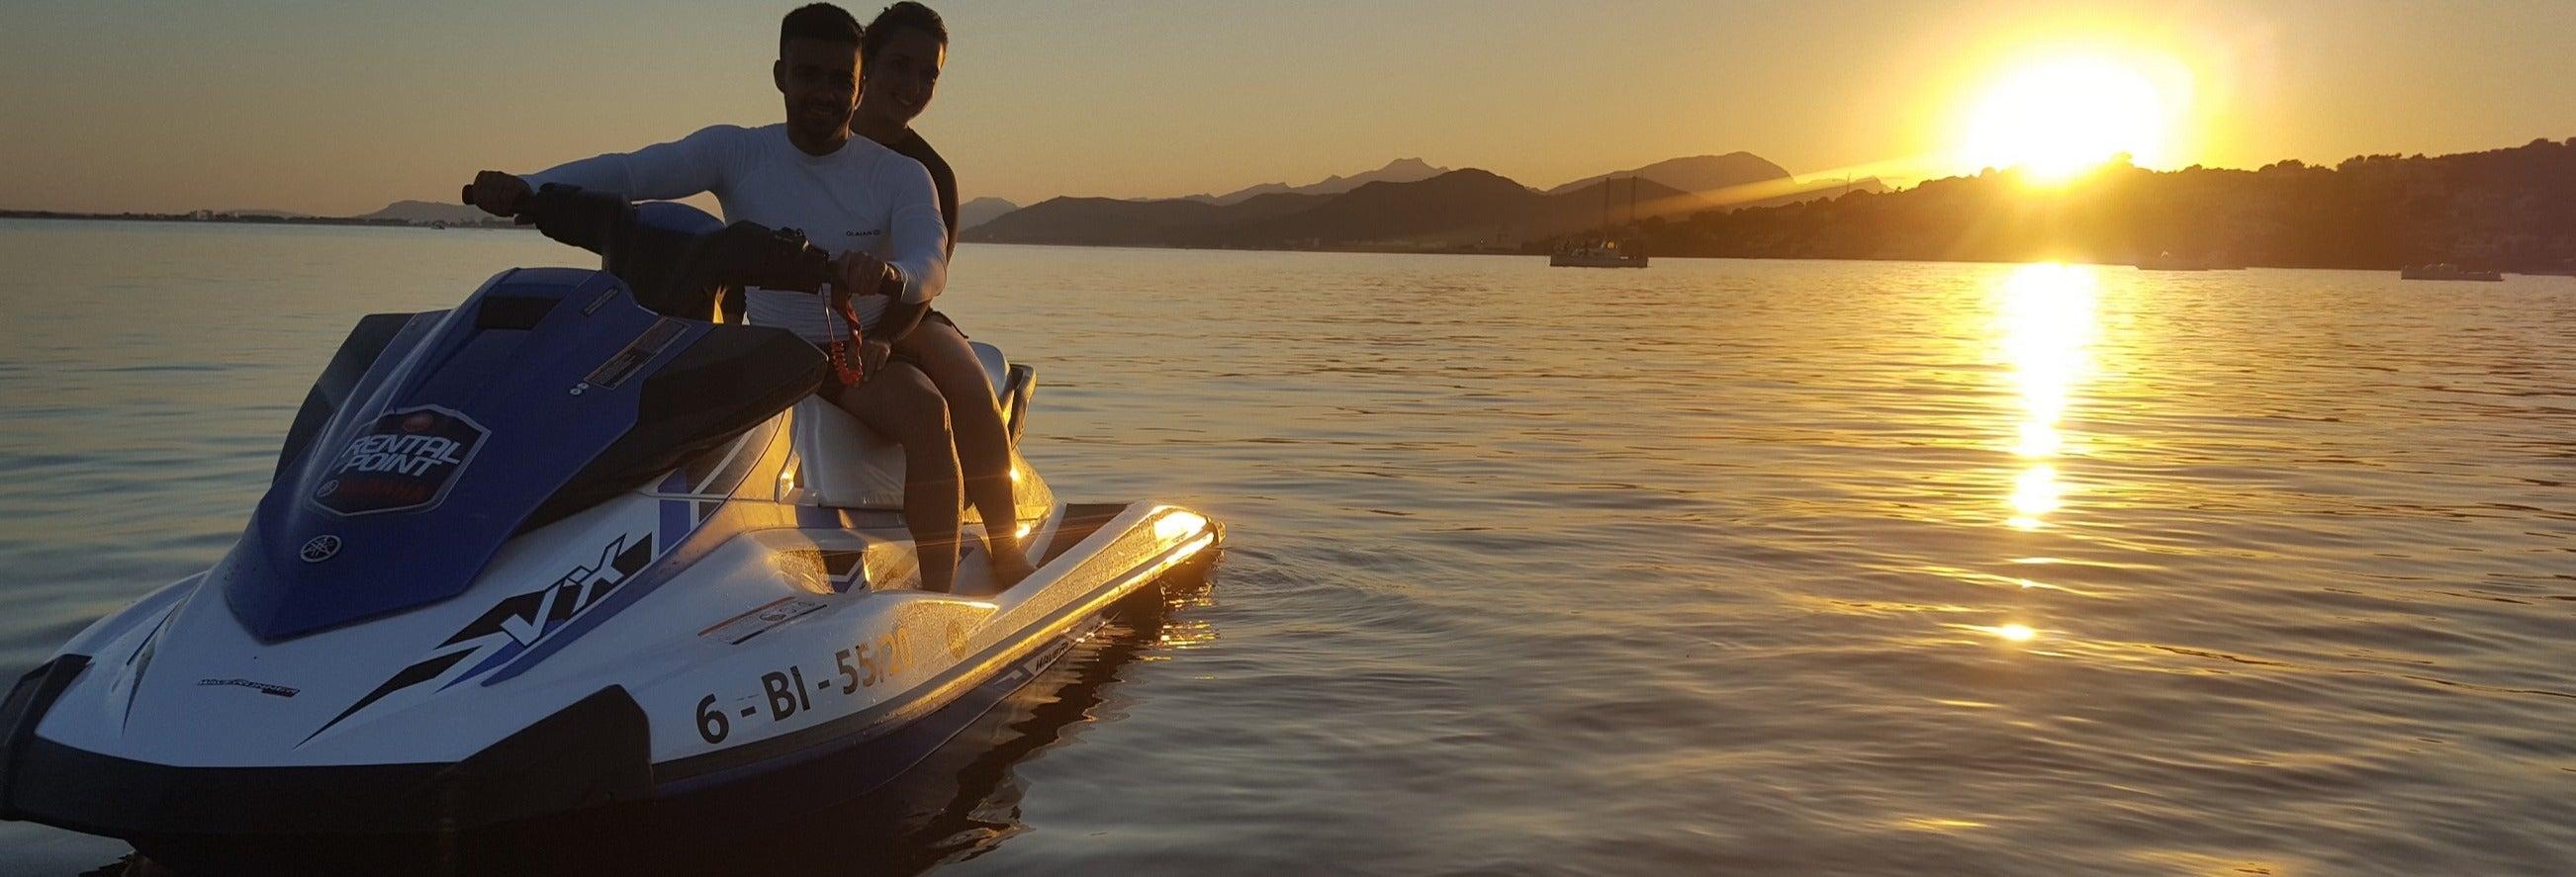 Tour en moto de agua al atardecer desde Alcudia